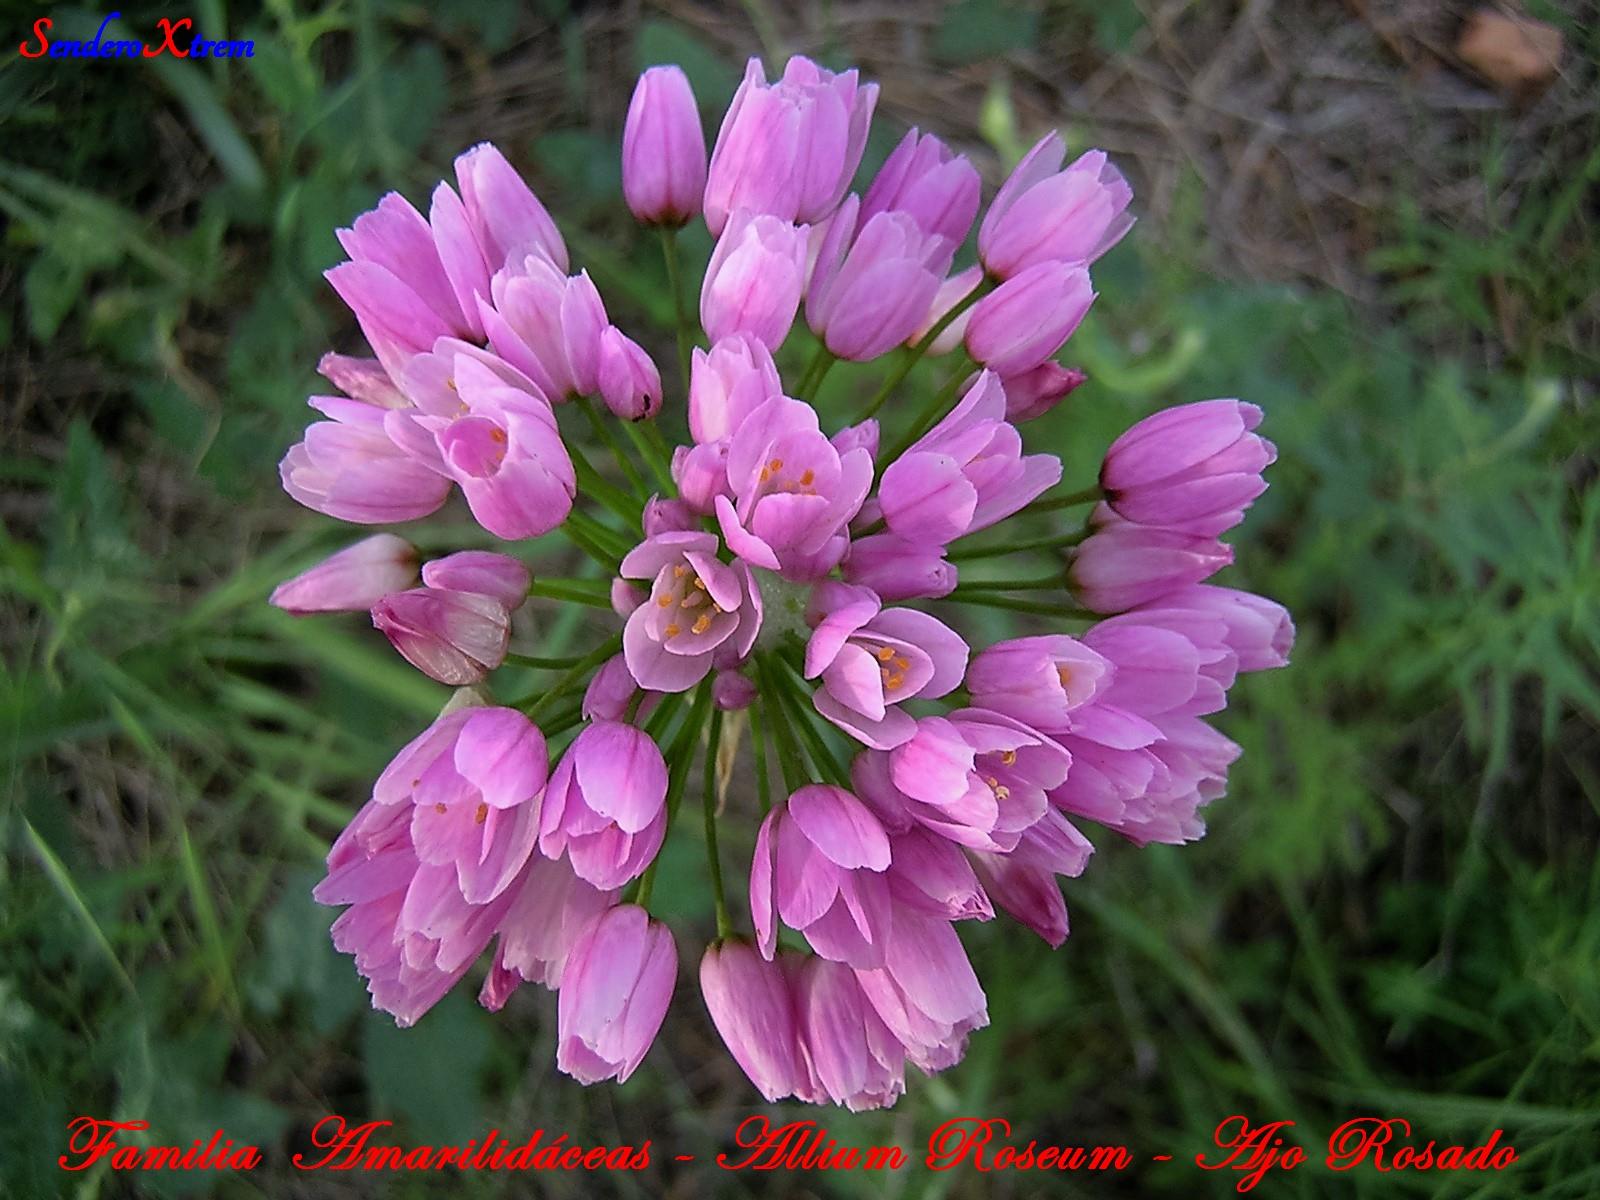 Familia Amarilidáceas - Allium Roseum - Ajo Rosado